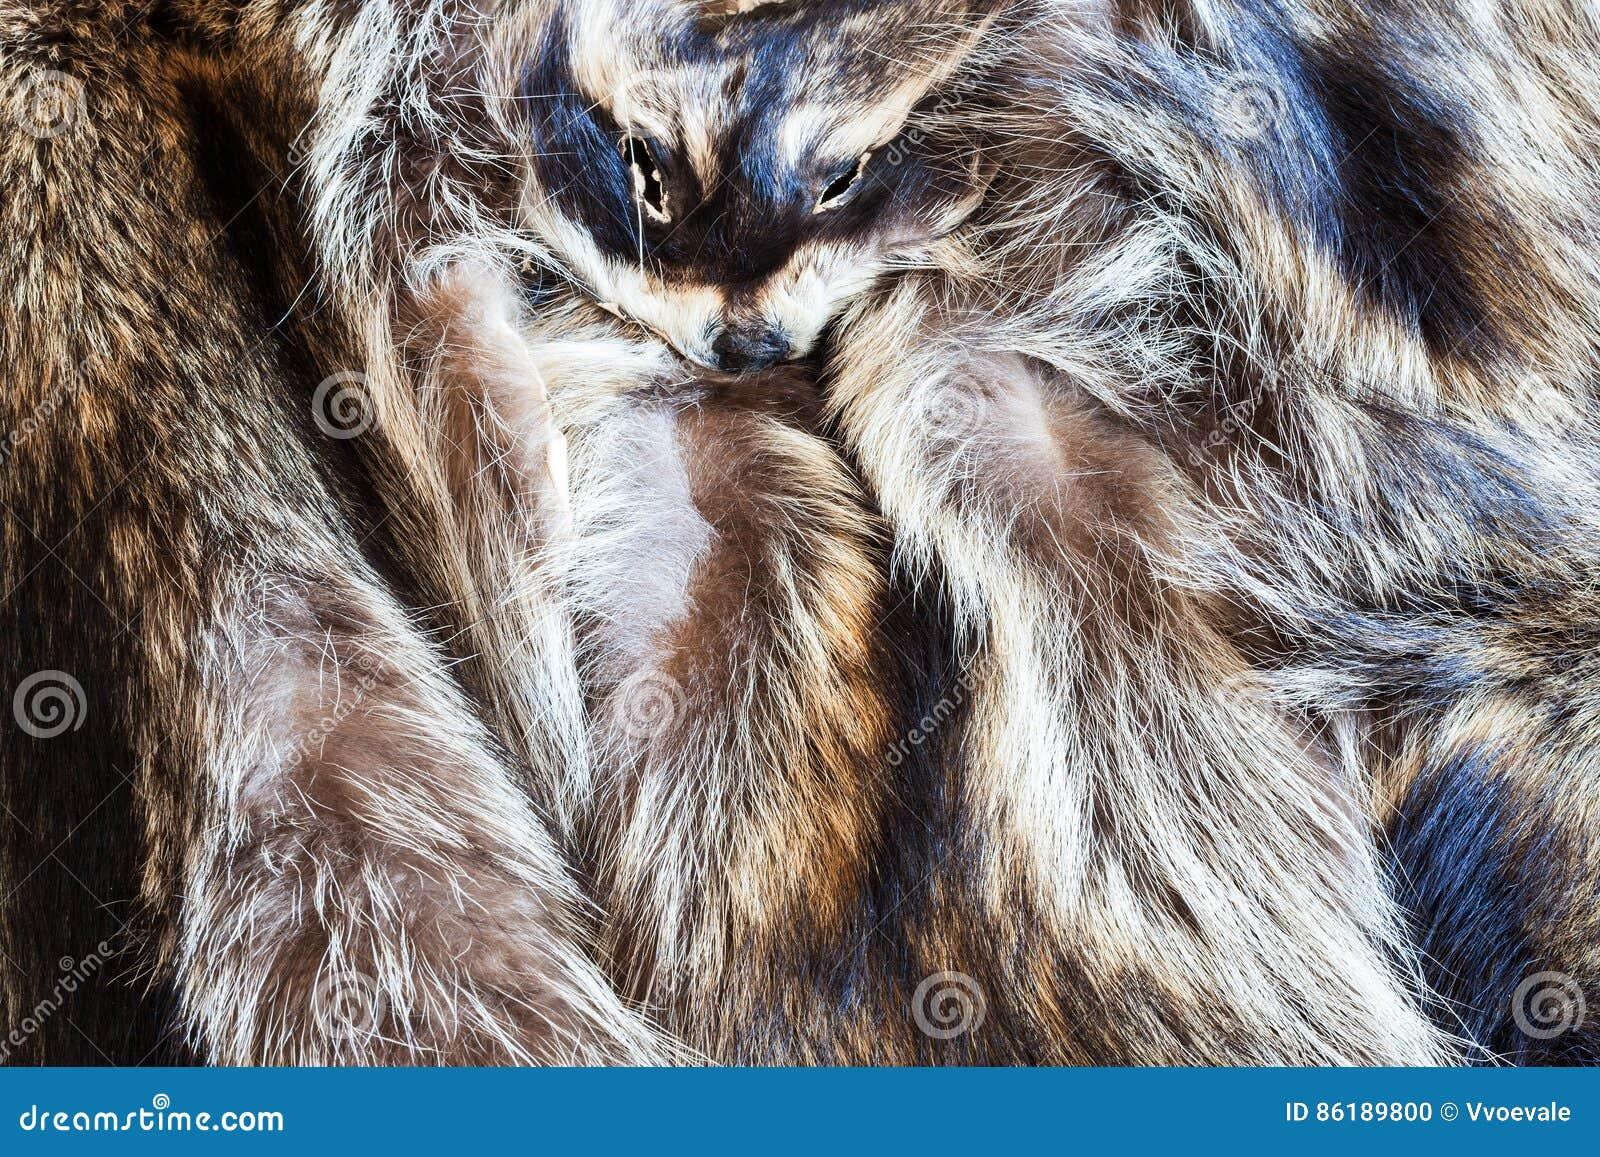 Few raccoon pelts with head